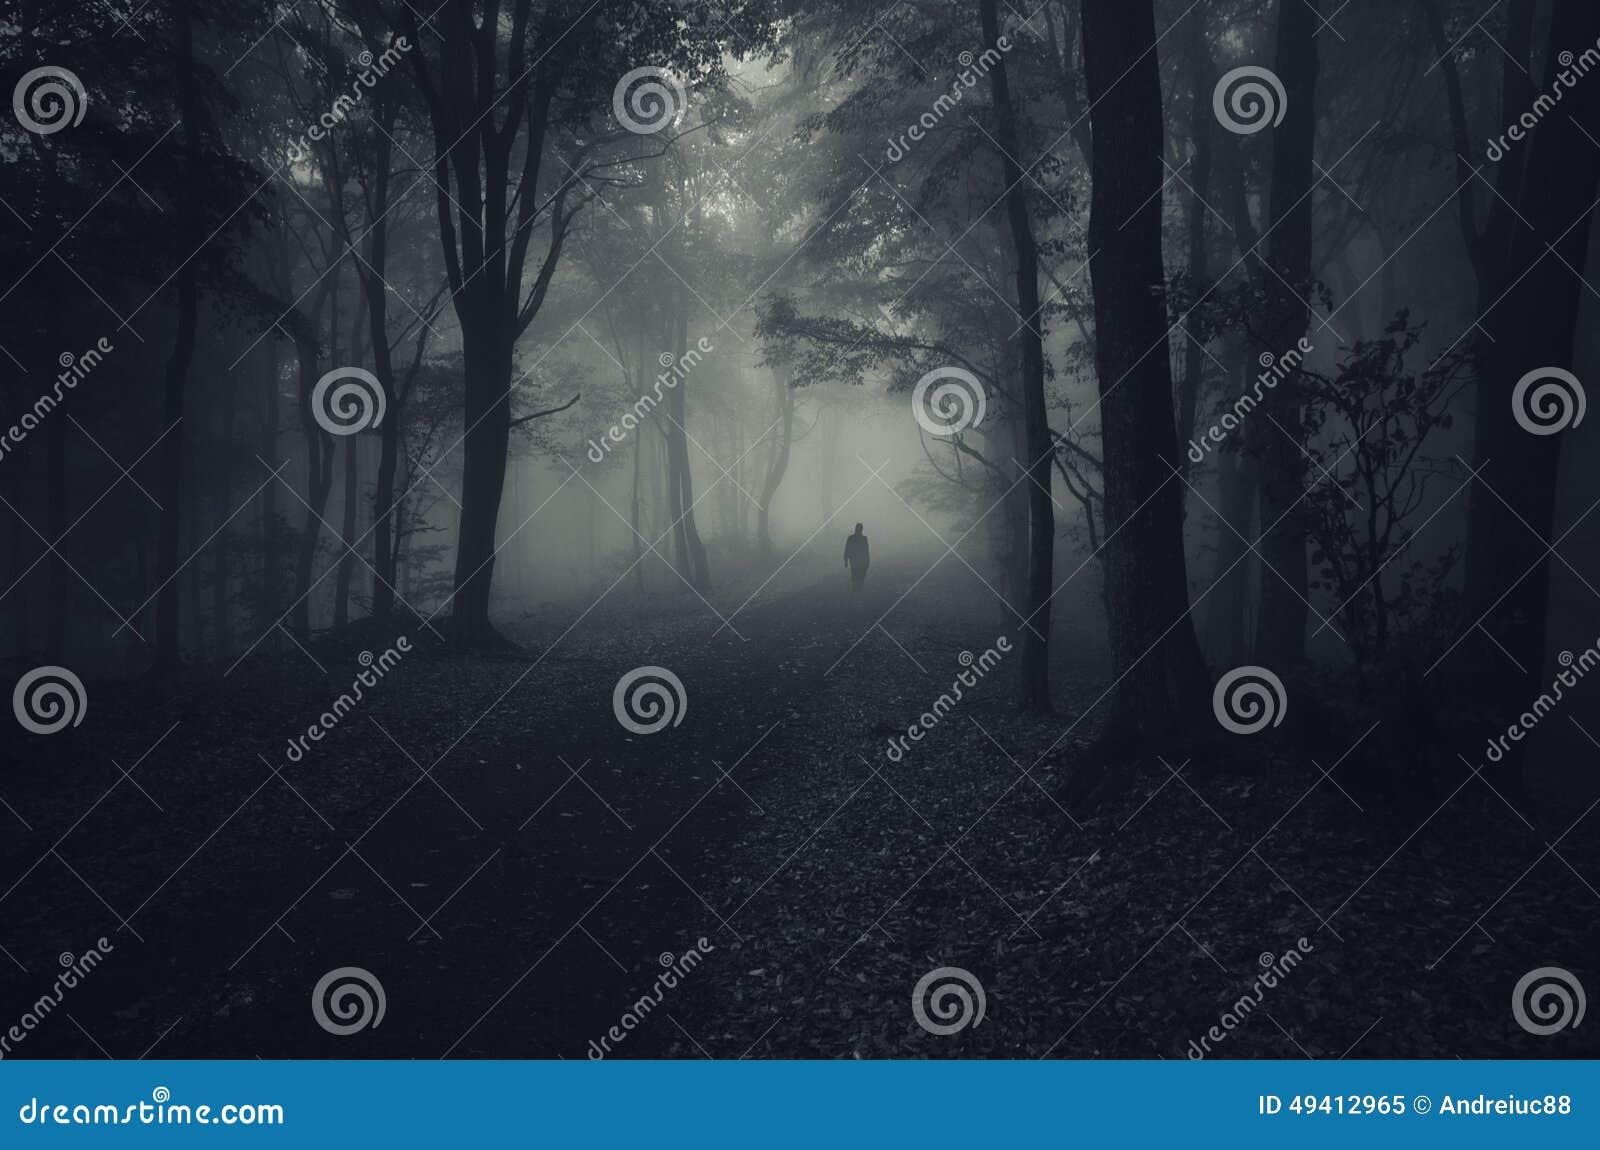 Geist im dunklen Wald mit Nebel auf Halloween